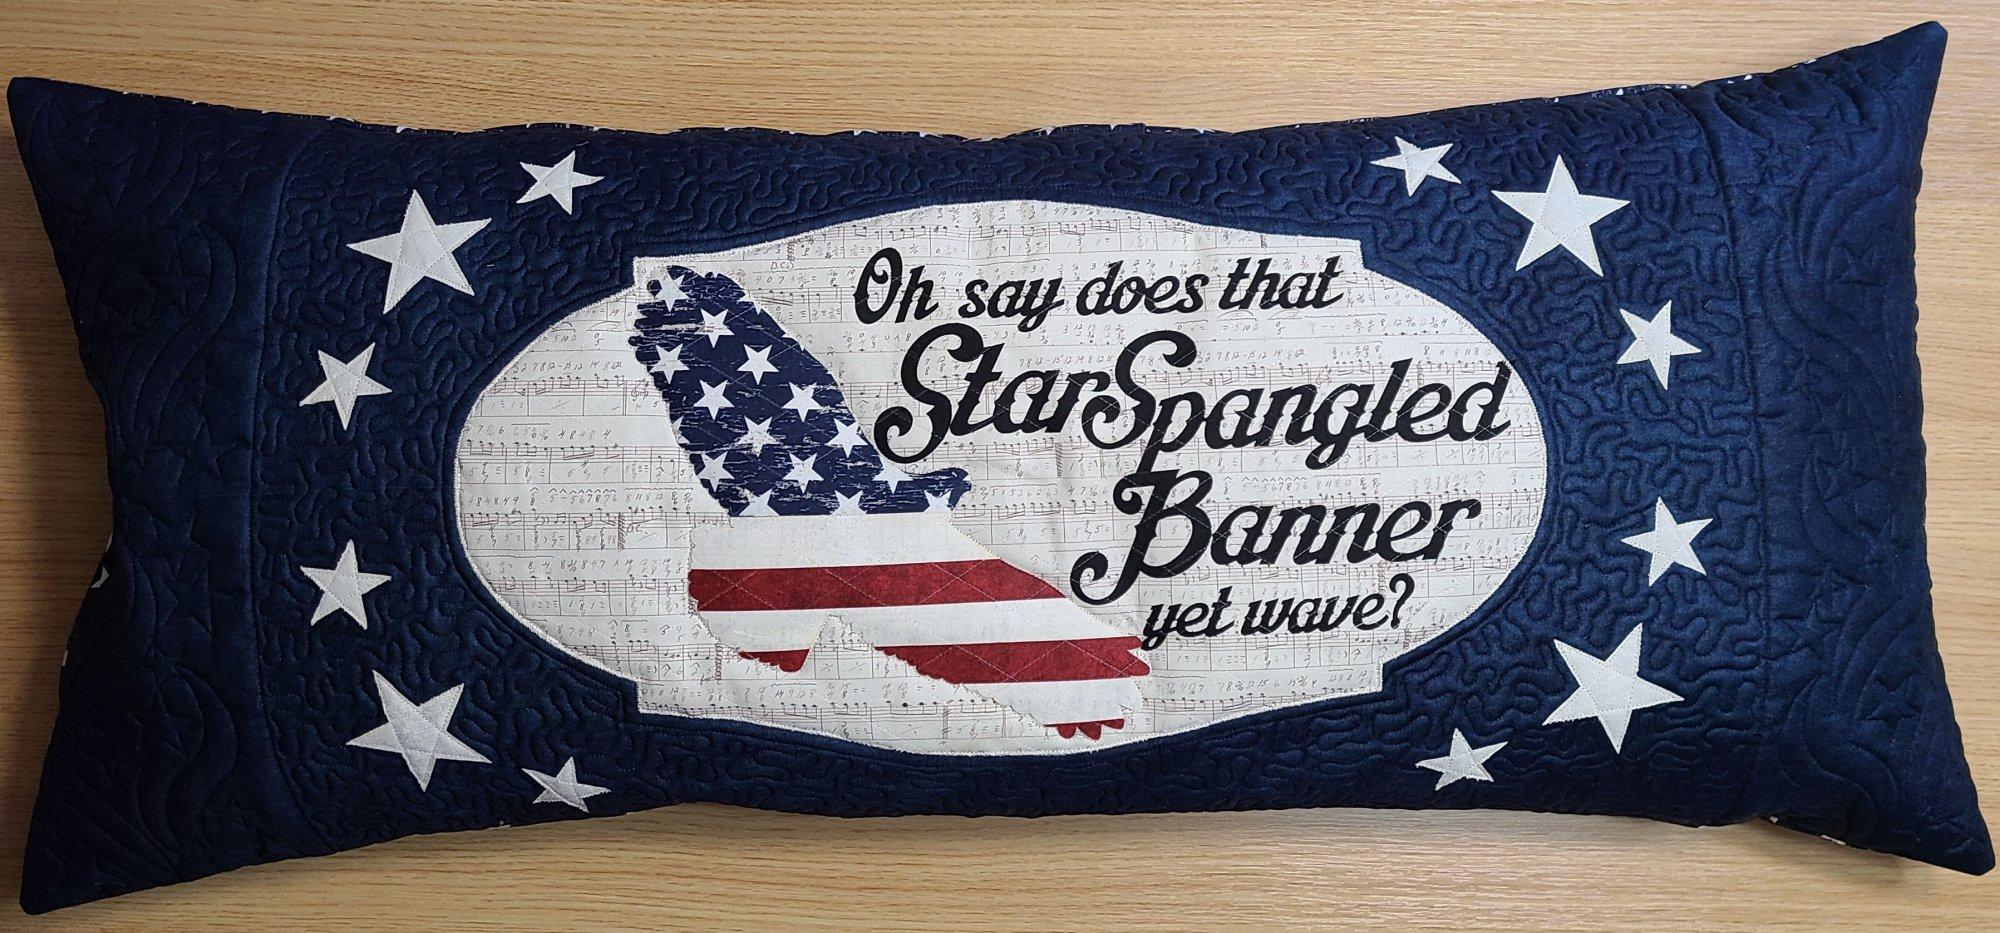 Bench Pillow Kit - Star Spangled Banner